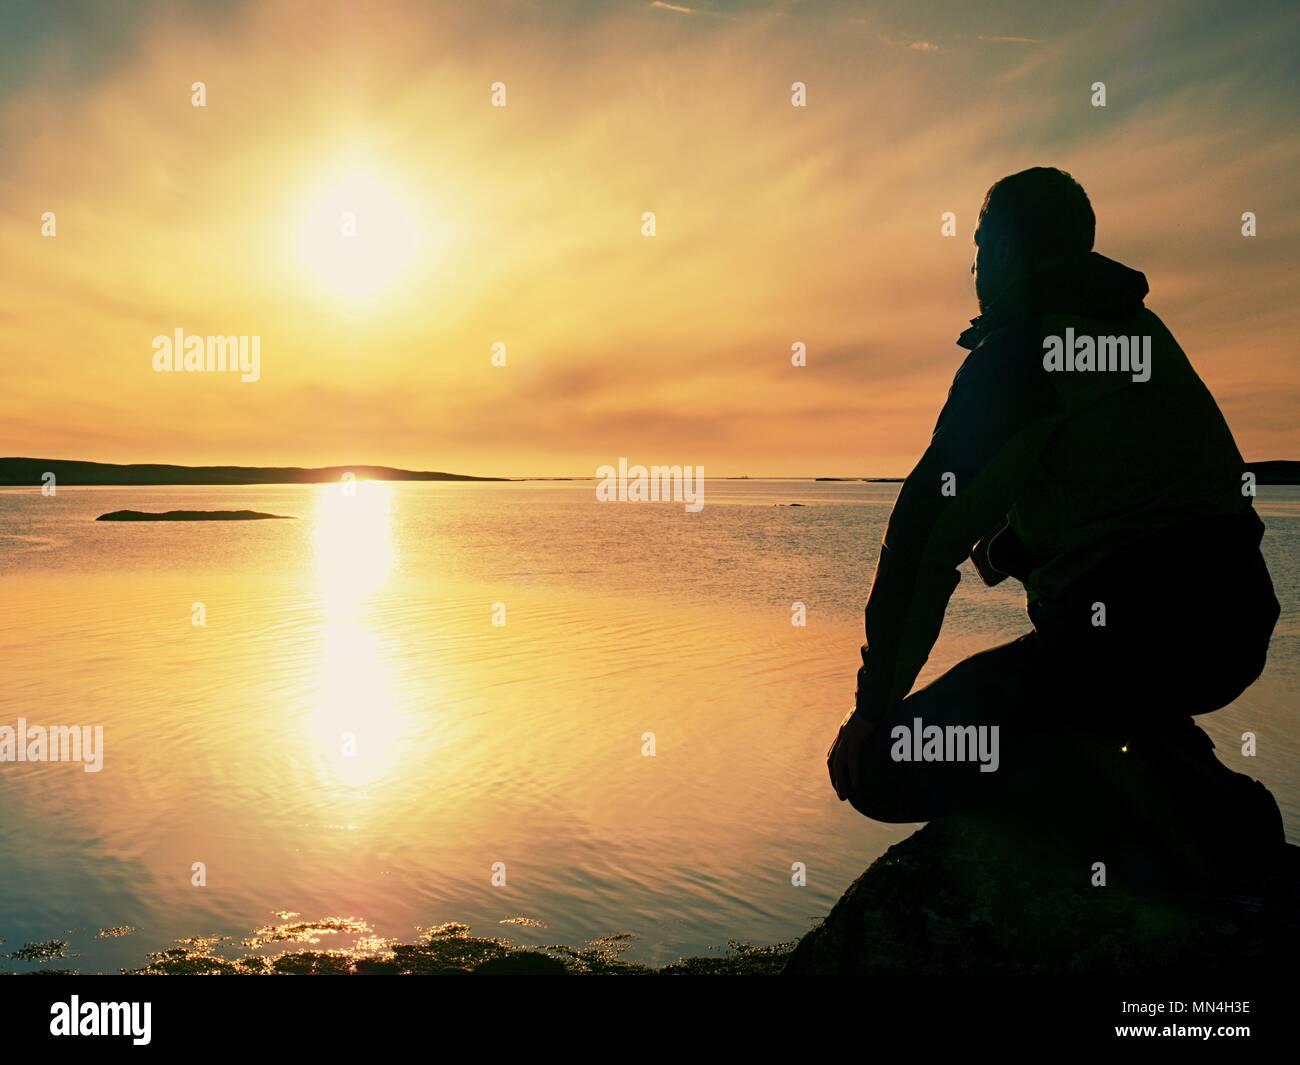 Einsamer Mann, Wanderer sitzt alleine an der felsigen Küste und genießen den Sonnenuntergang. Blick über die felsige Klippe zum freien Ozean Stockbild